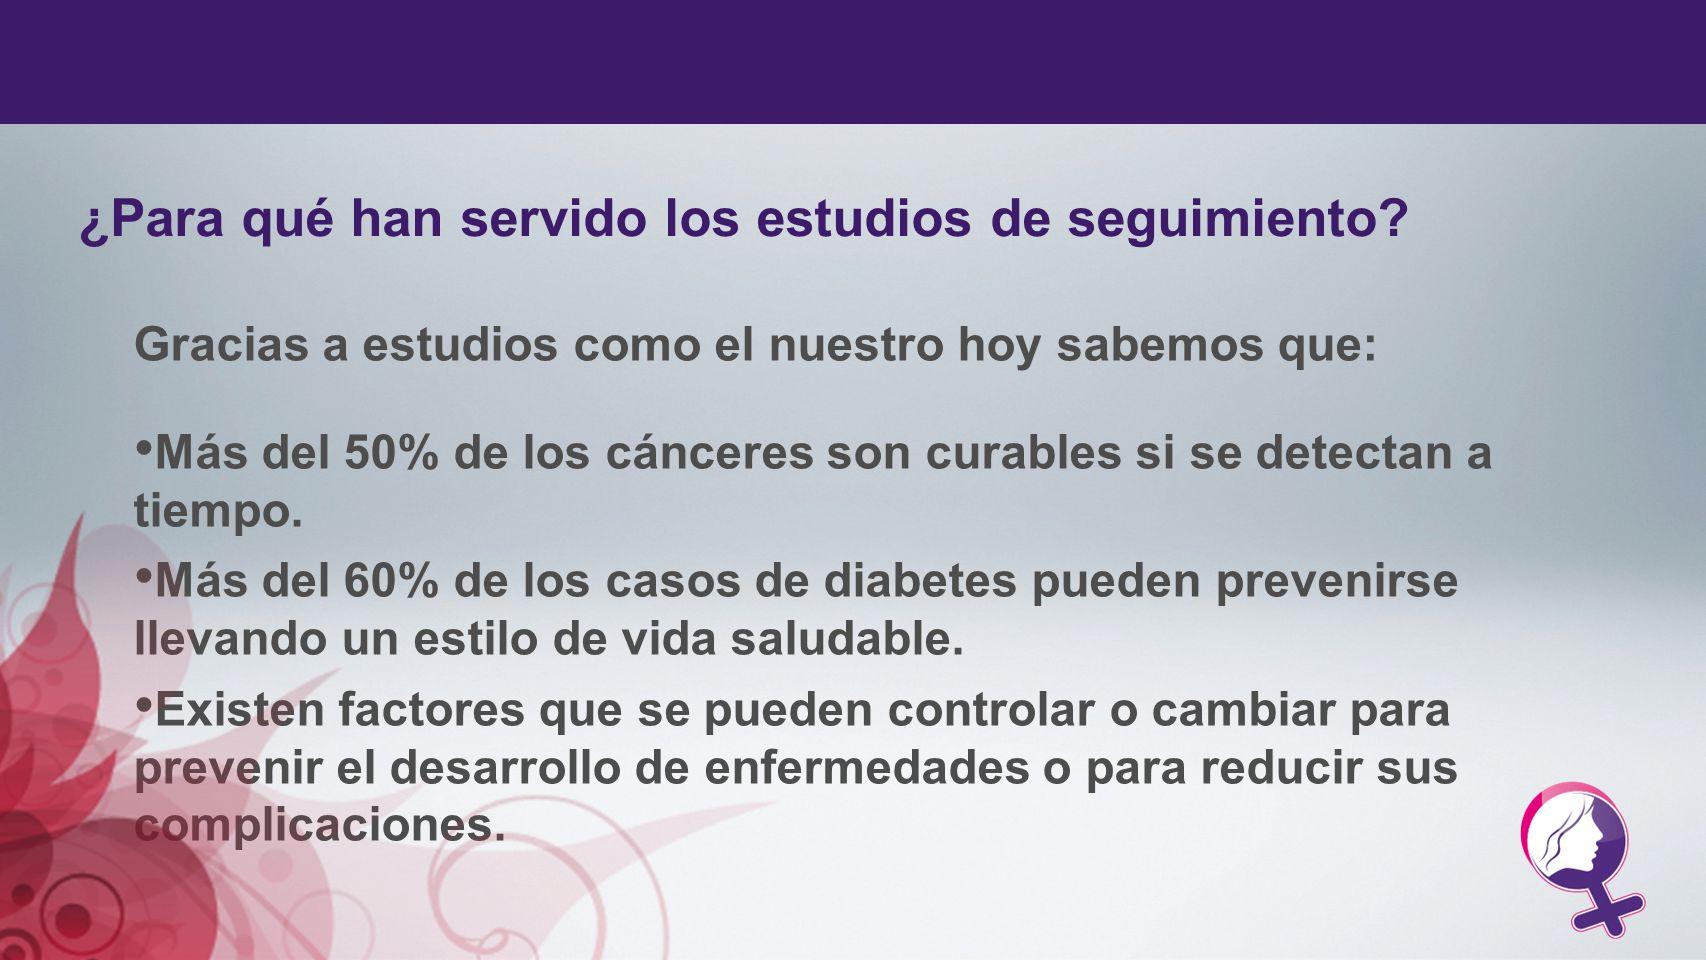 Gracias a estudios como el nuestro hoy sabemos que: Más del 50% de los cánceres son curables si se detectan a tiempo. Más del 60% de los casos de diab